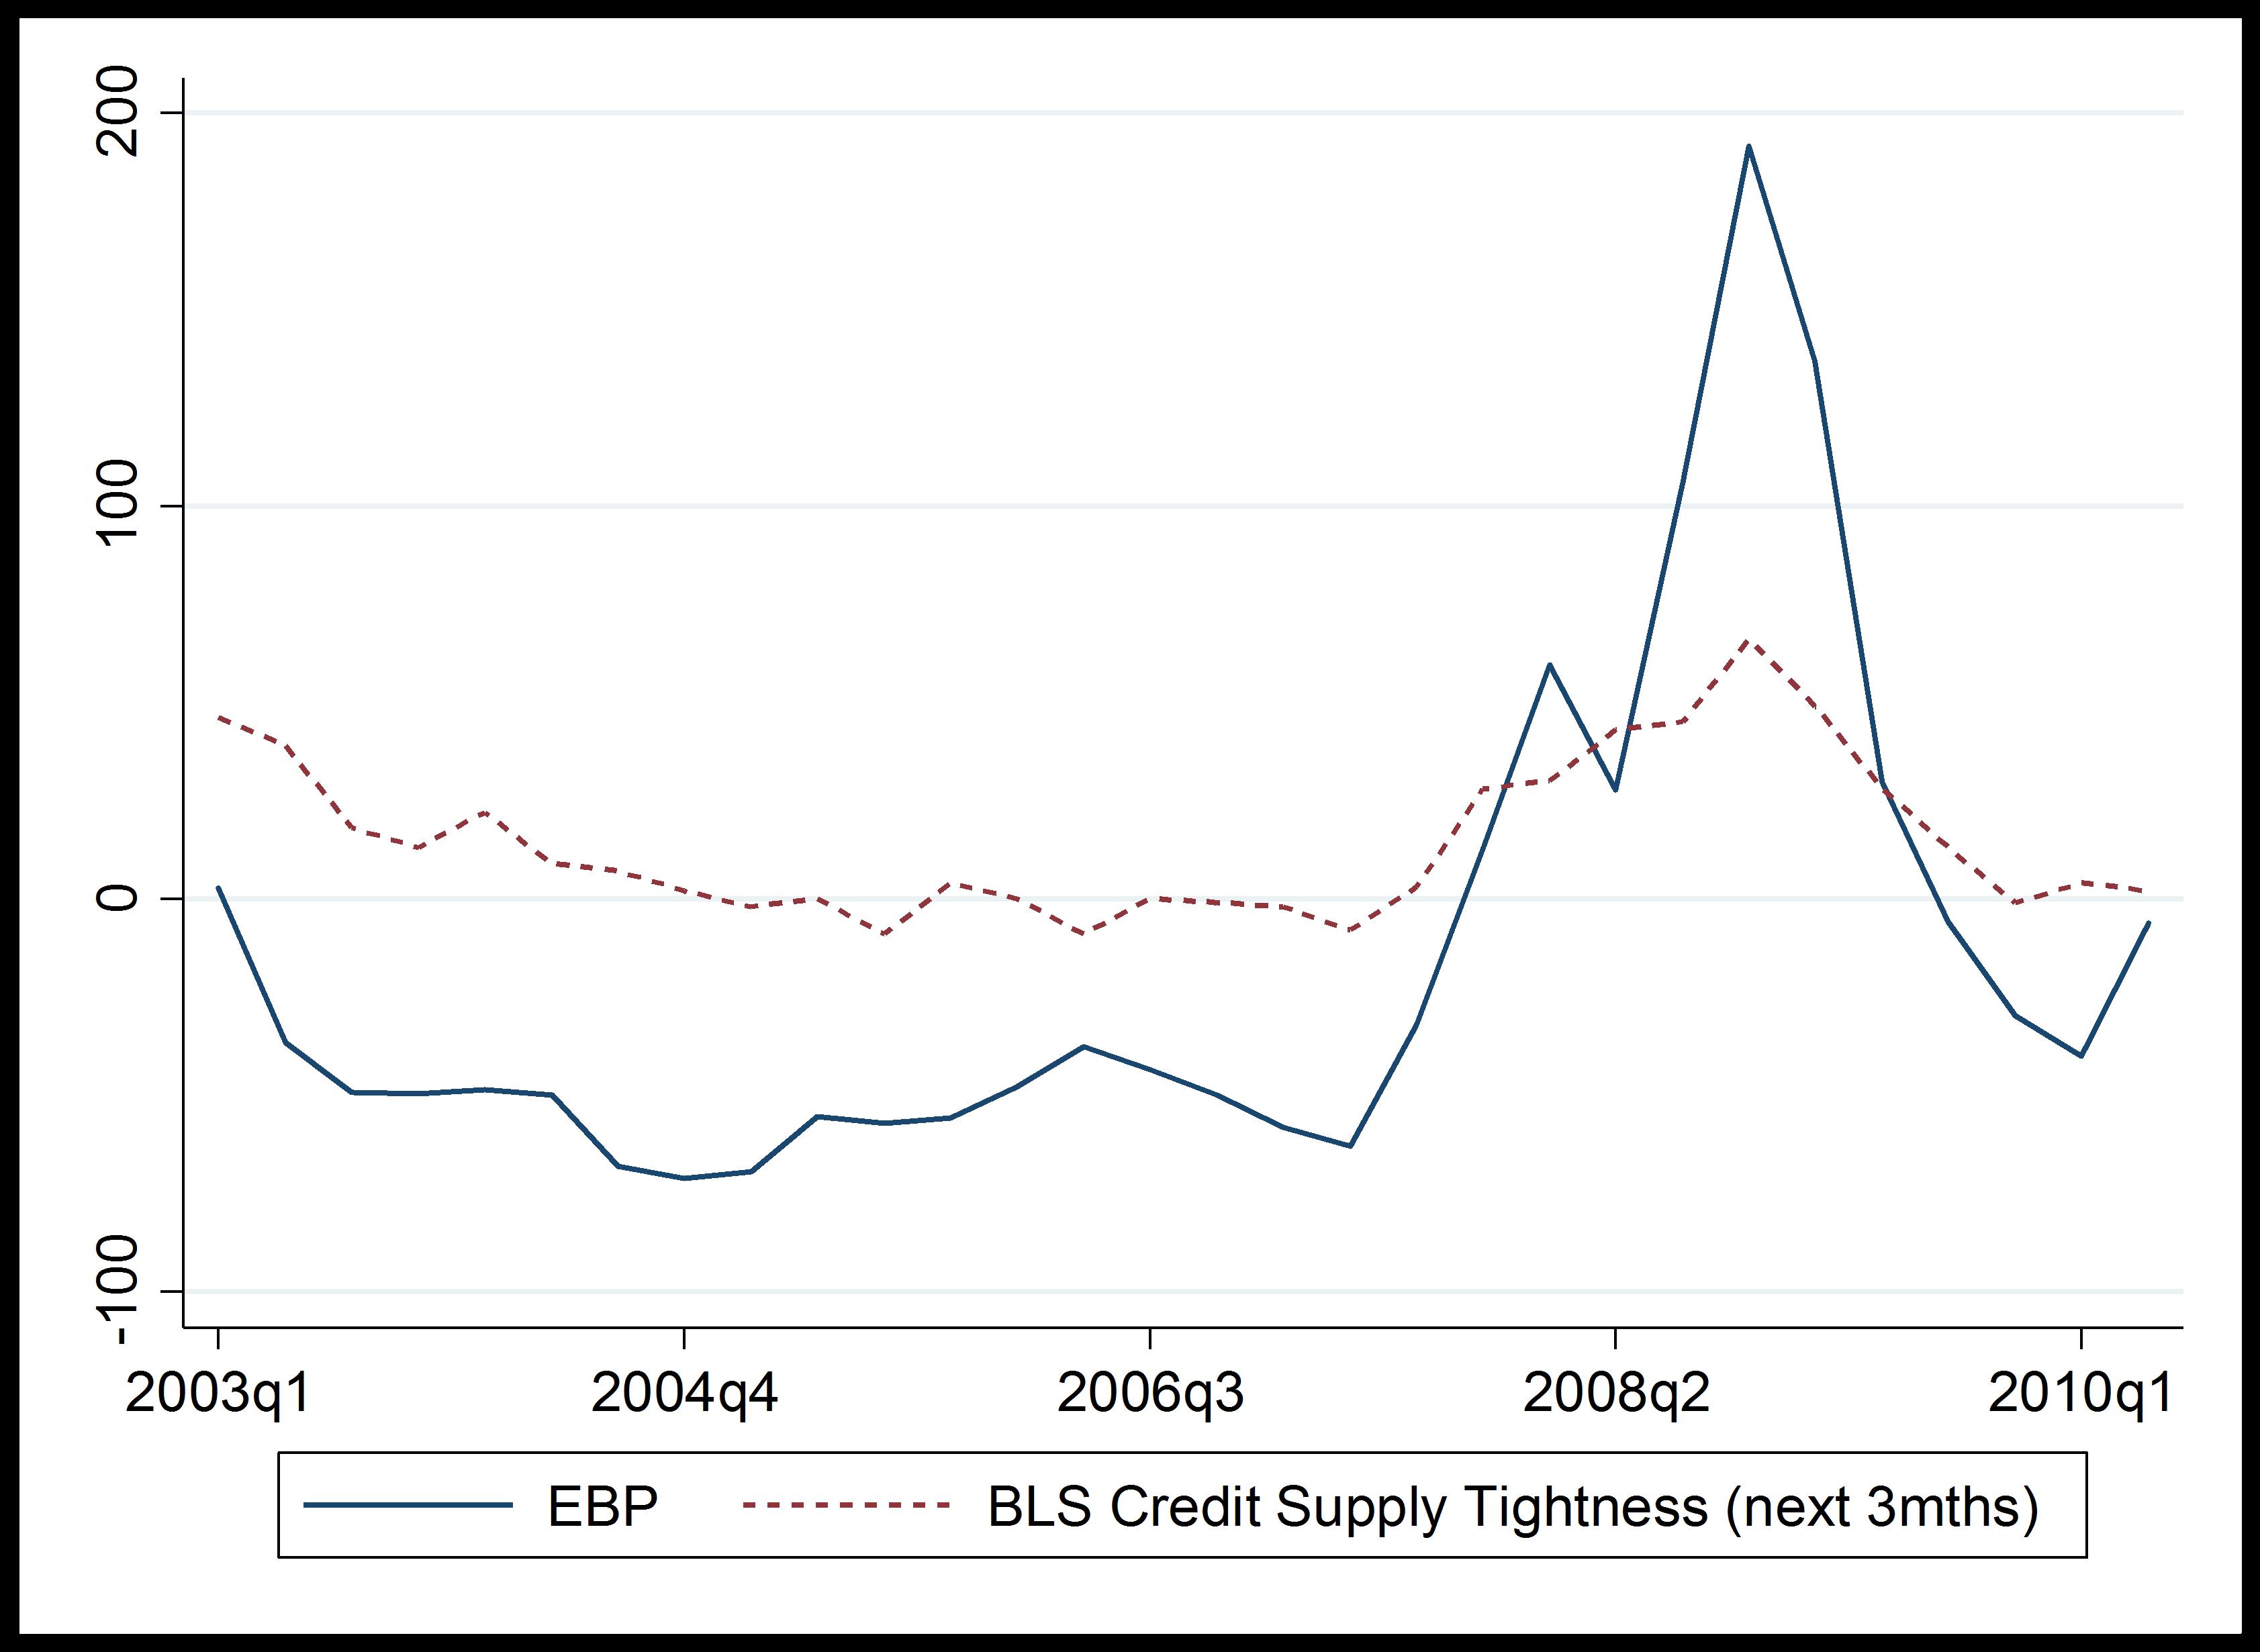 figure-1-bond-spreads-predicts-recession